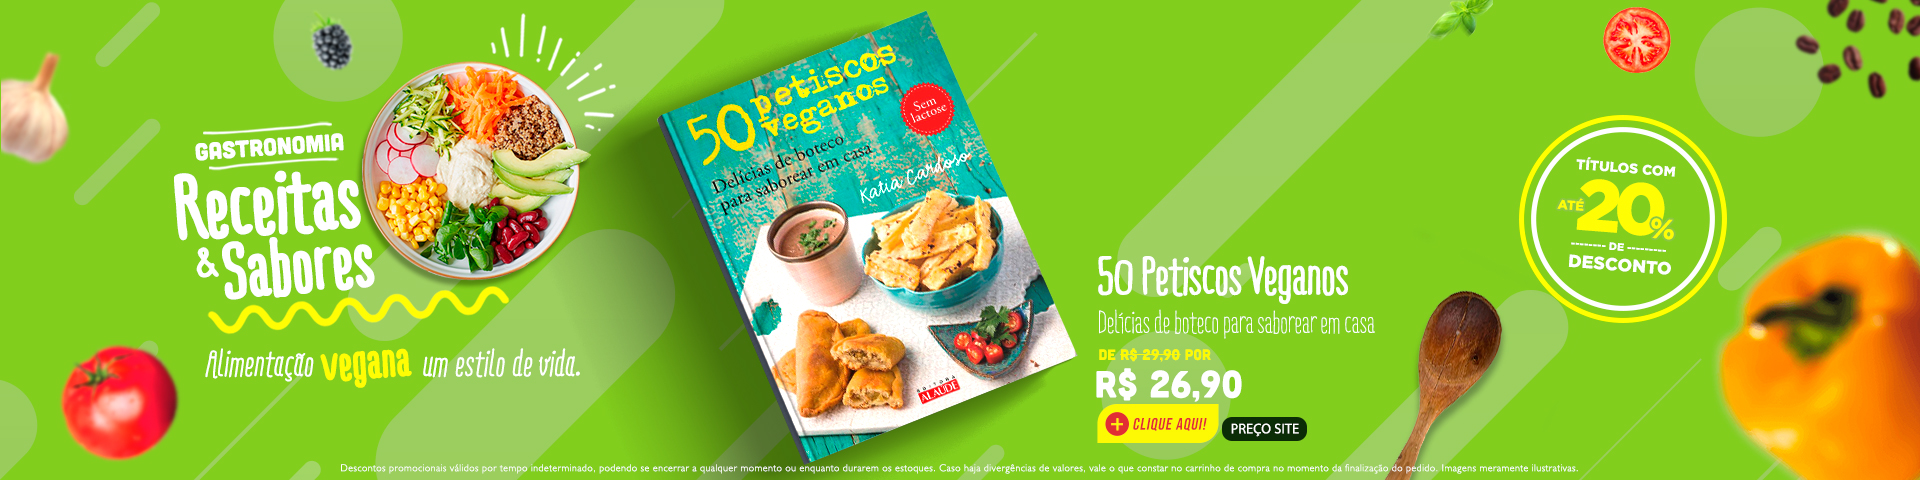 Gastronomia - Petiscos veganos